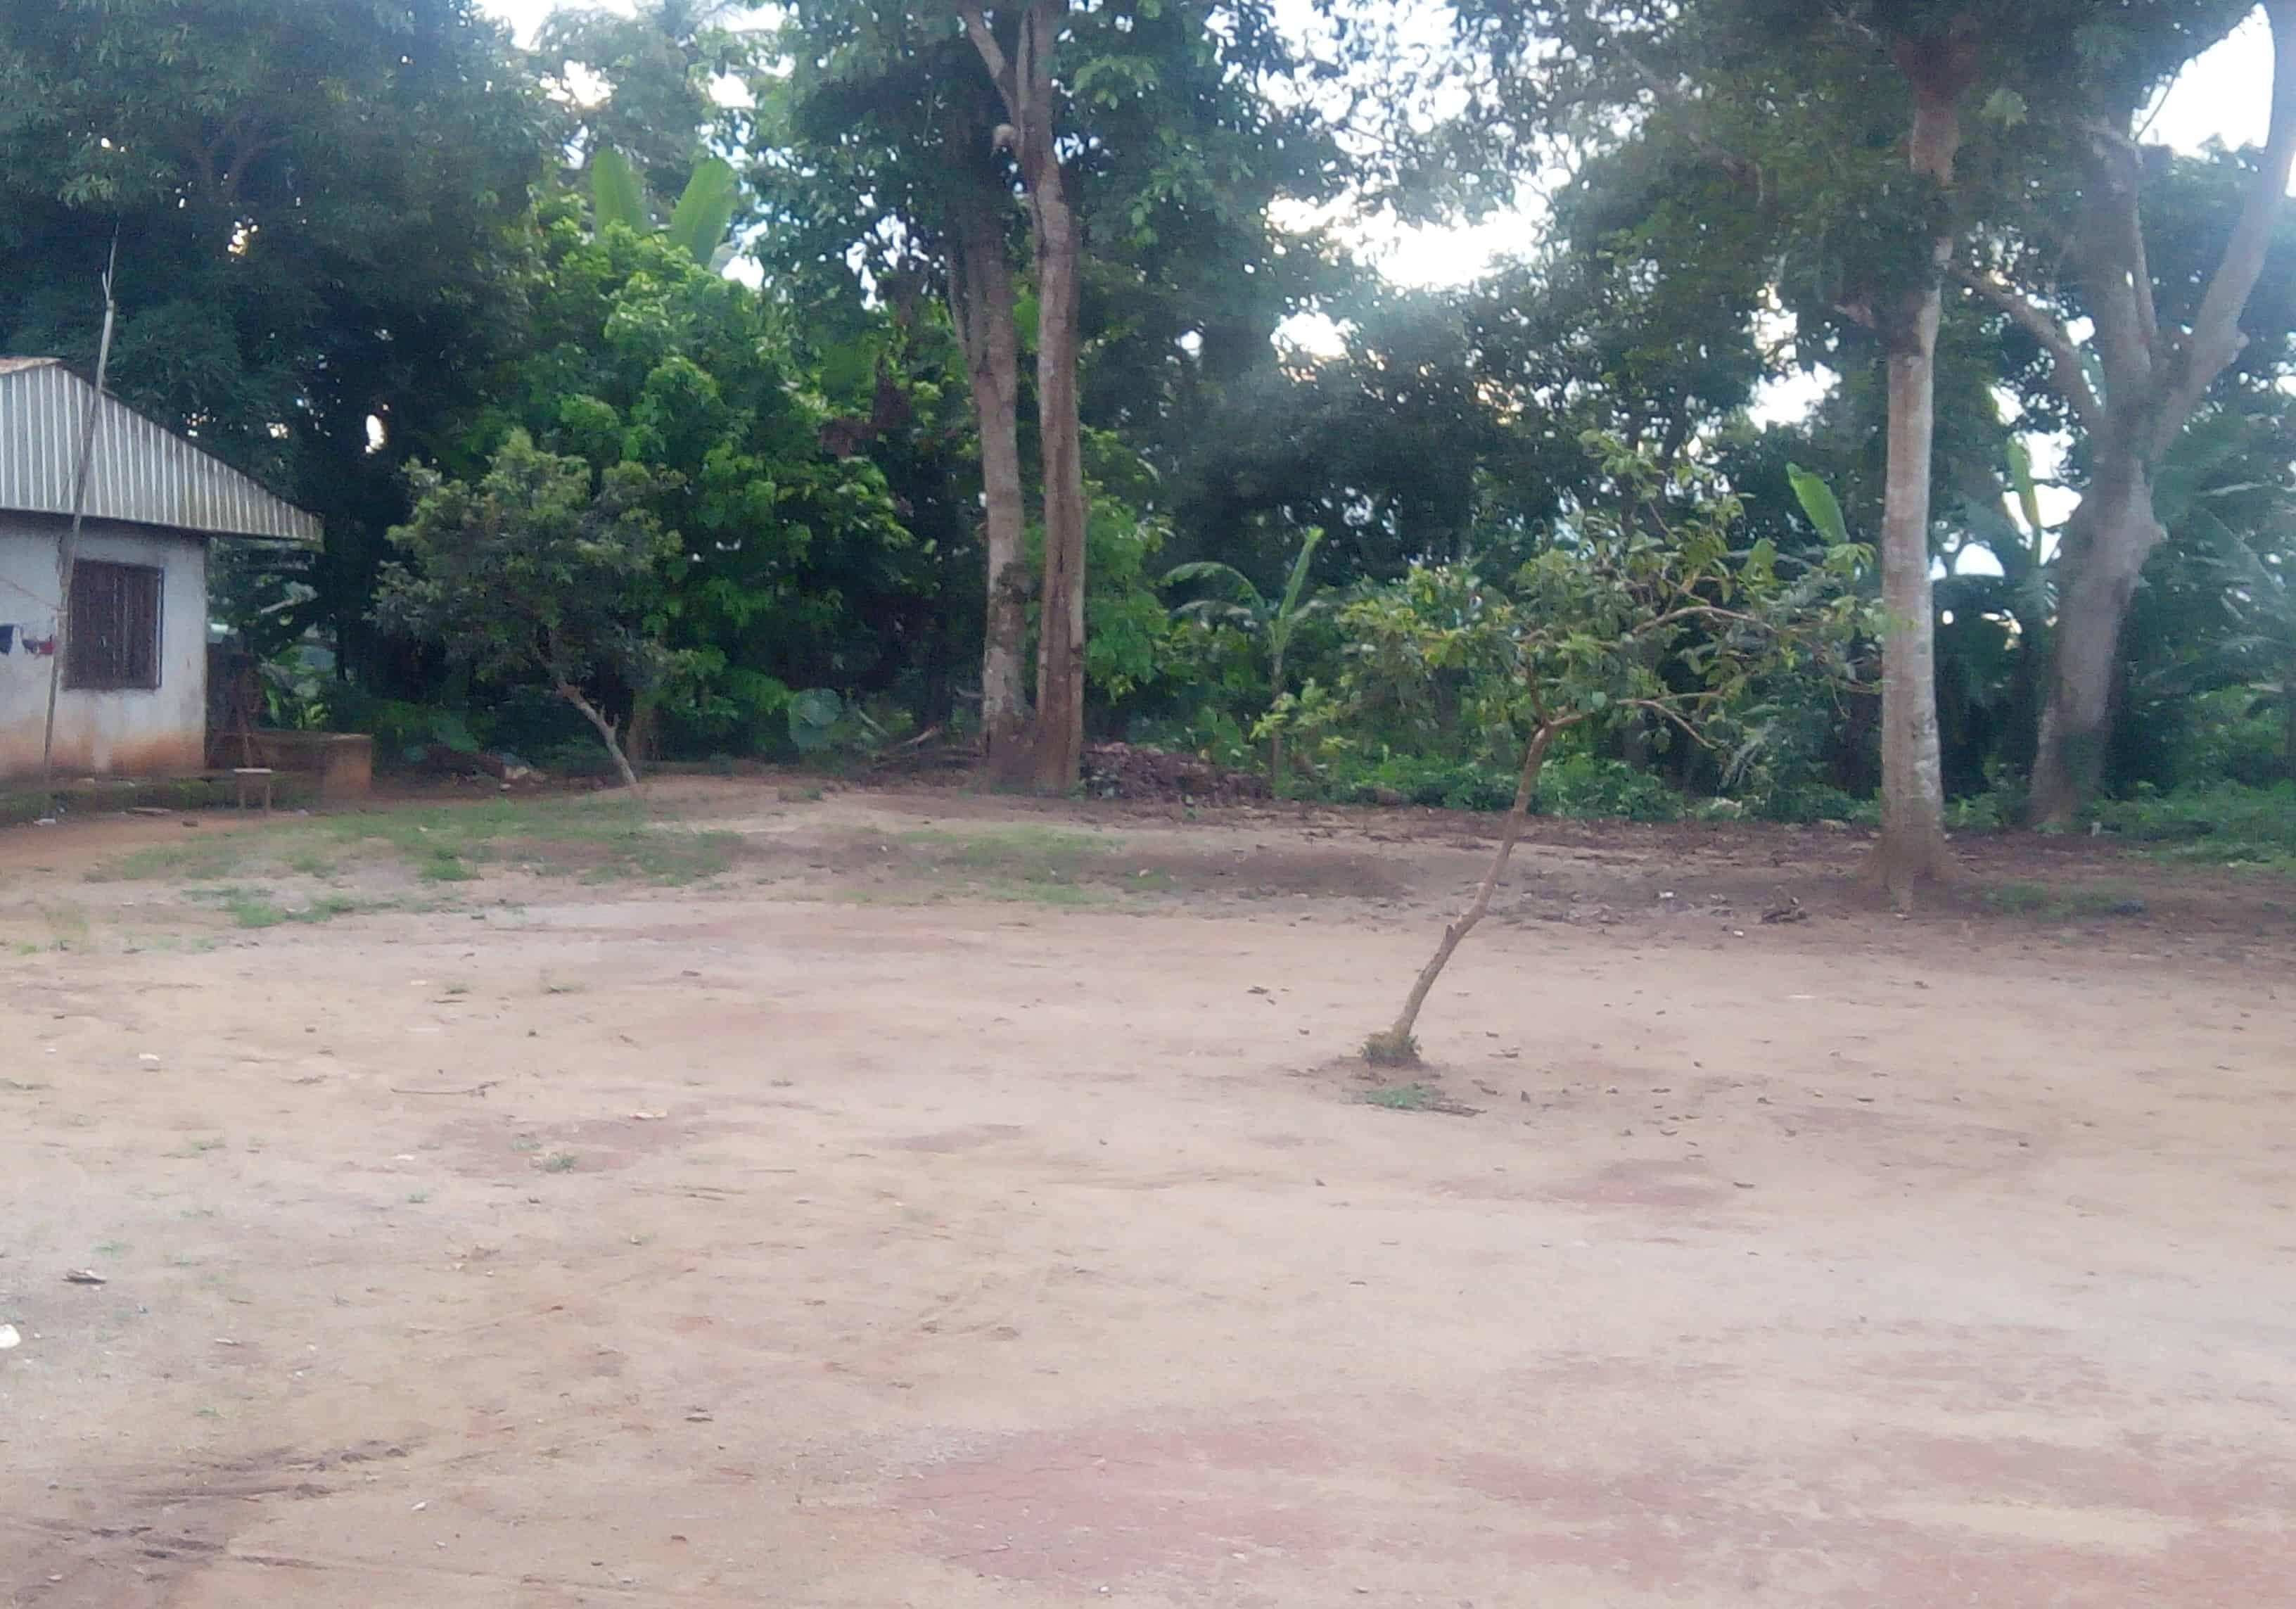 Land for sale at Yaoundé, Nkolfoulou, Yéné yéné - 900 m2 - 7 200 000 FCFA